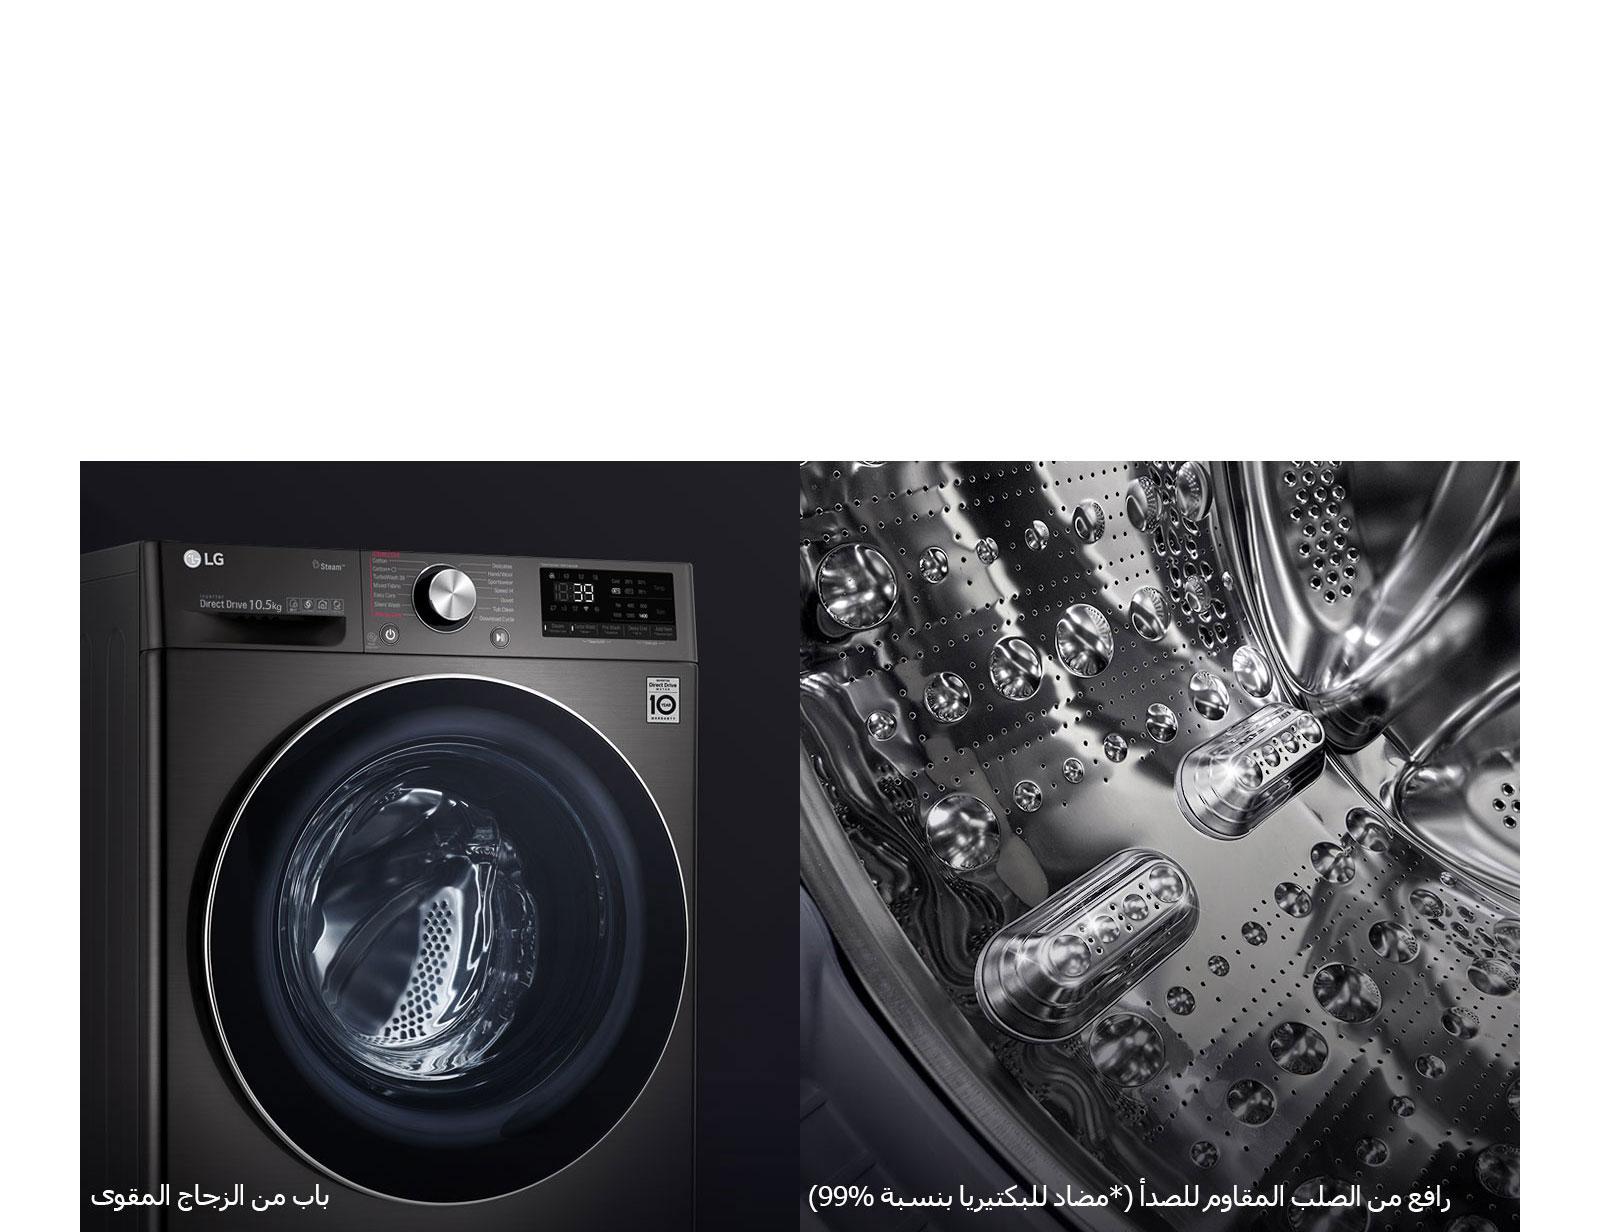 WD-Vivace-V900-VC2-BlackSteel-11-1-Druability-Desktop-V4